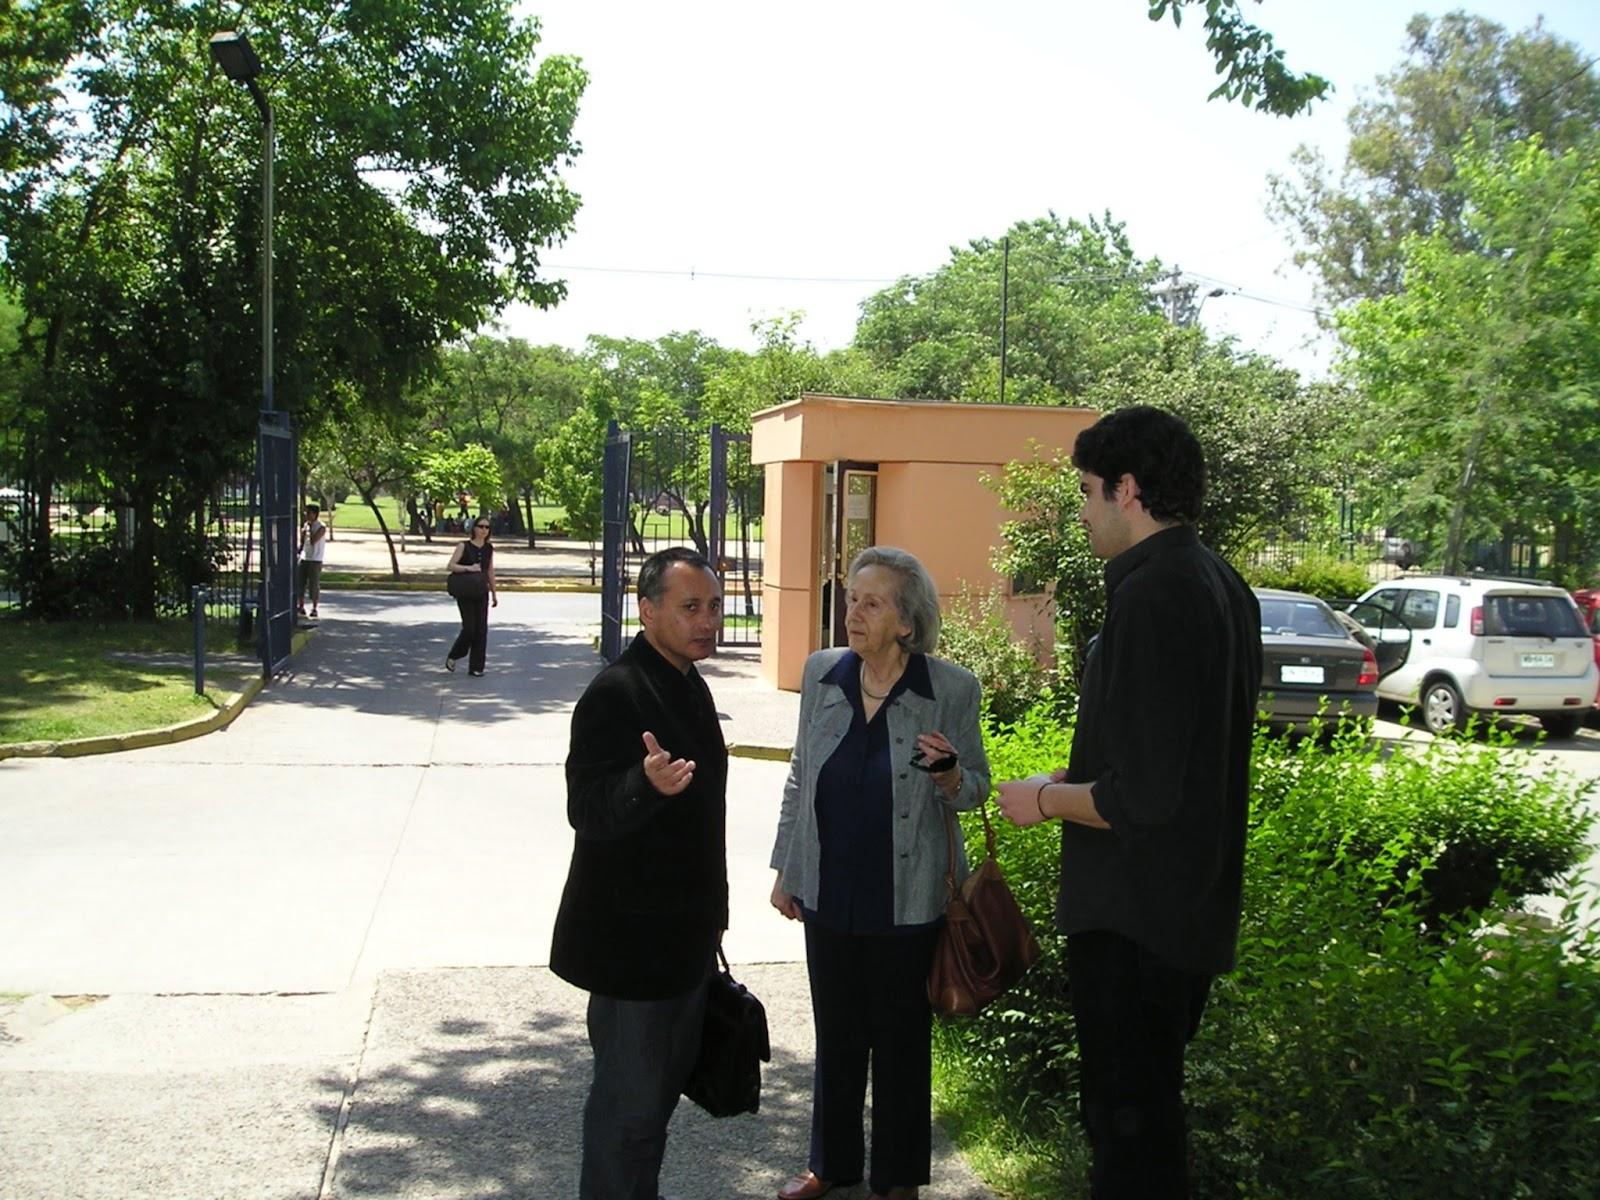 http://2.bp.blogspot.com/-UD6CAofKXP4/UApEDV_fEwI/AAAAAAAAFq8/9f1kT669OZ8/s1600/Adolfo+Vasquez+Rocca+y+Profesora+Carla+Cordua+.jpeg